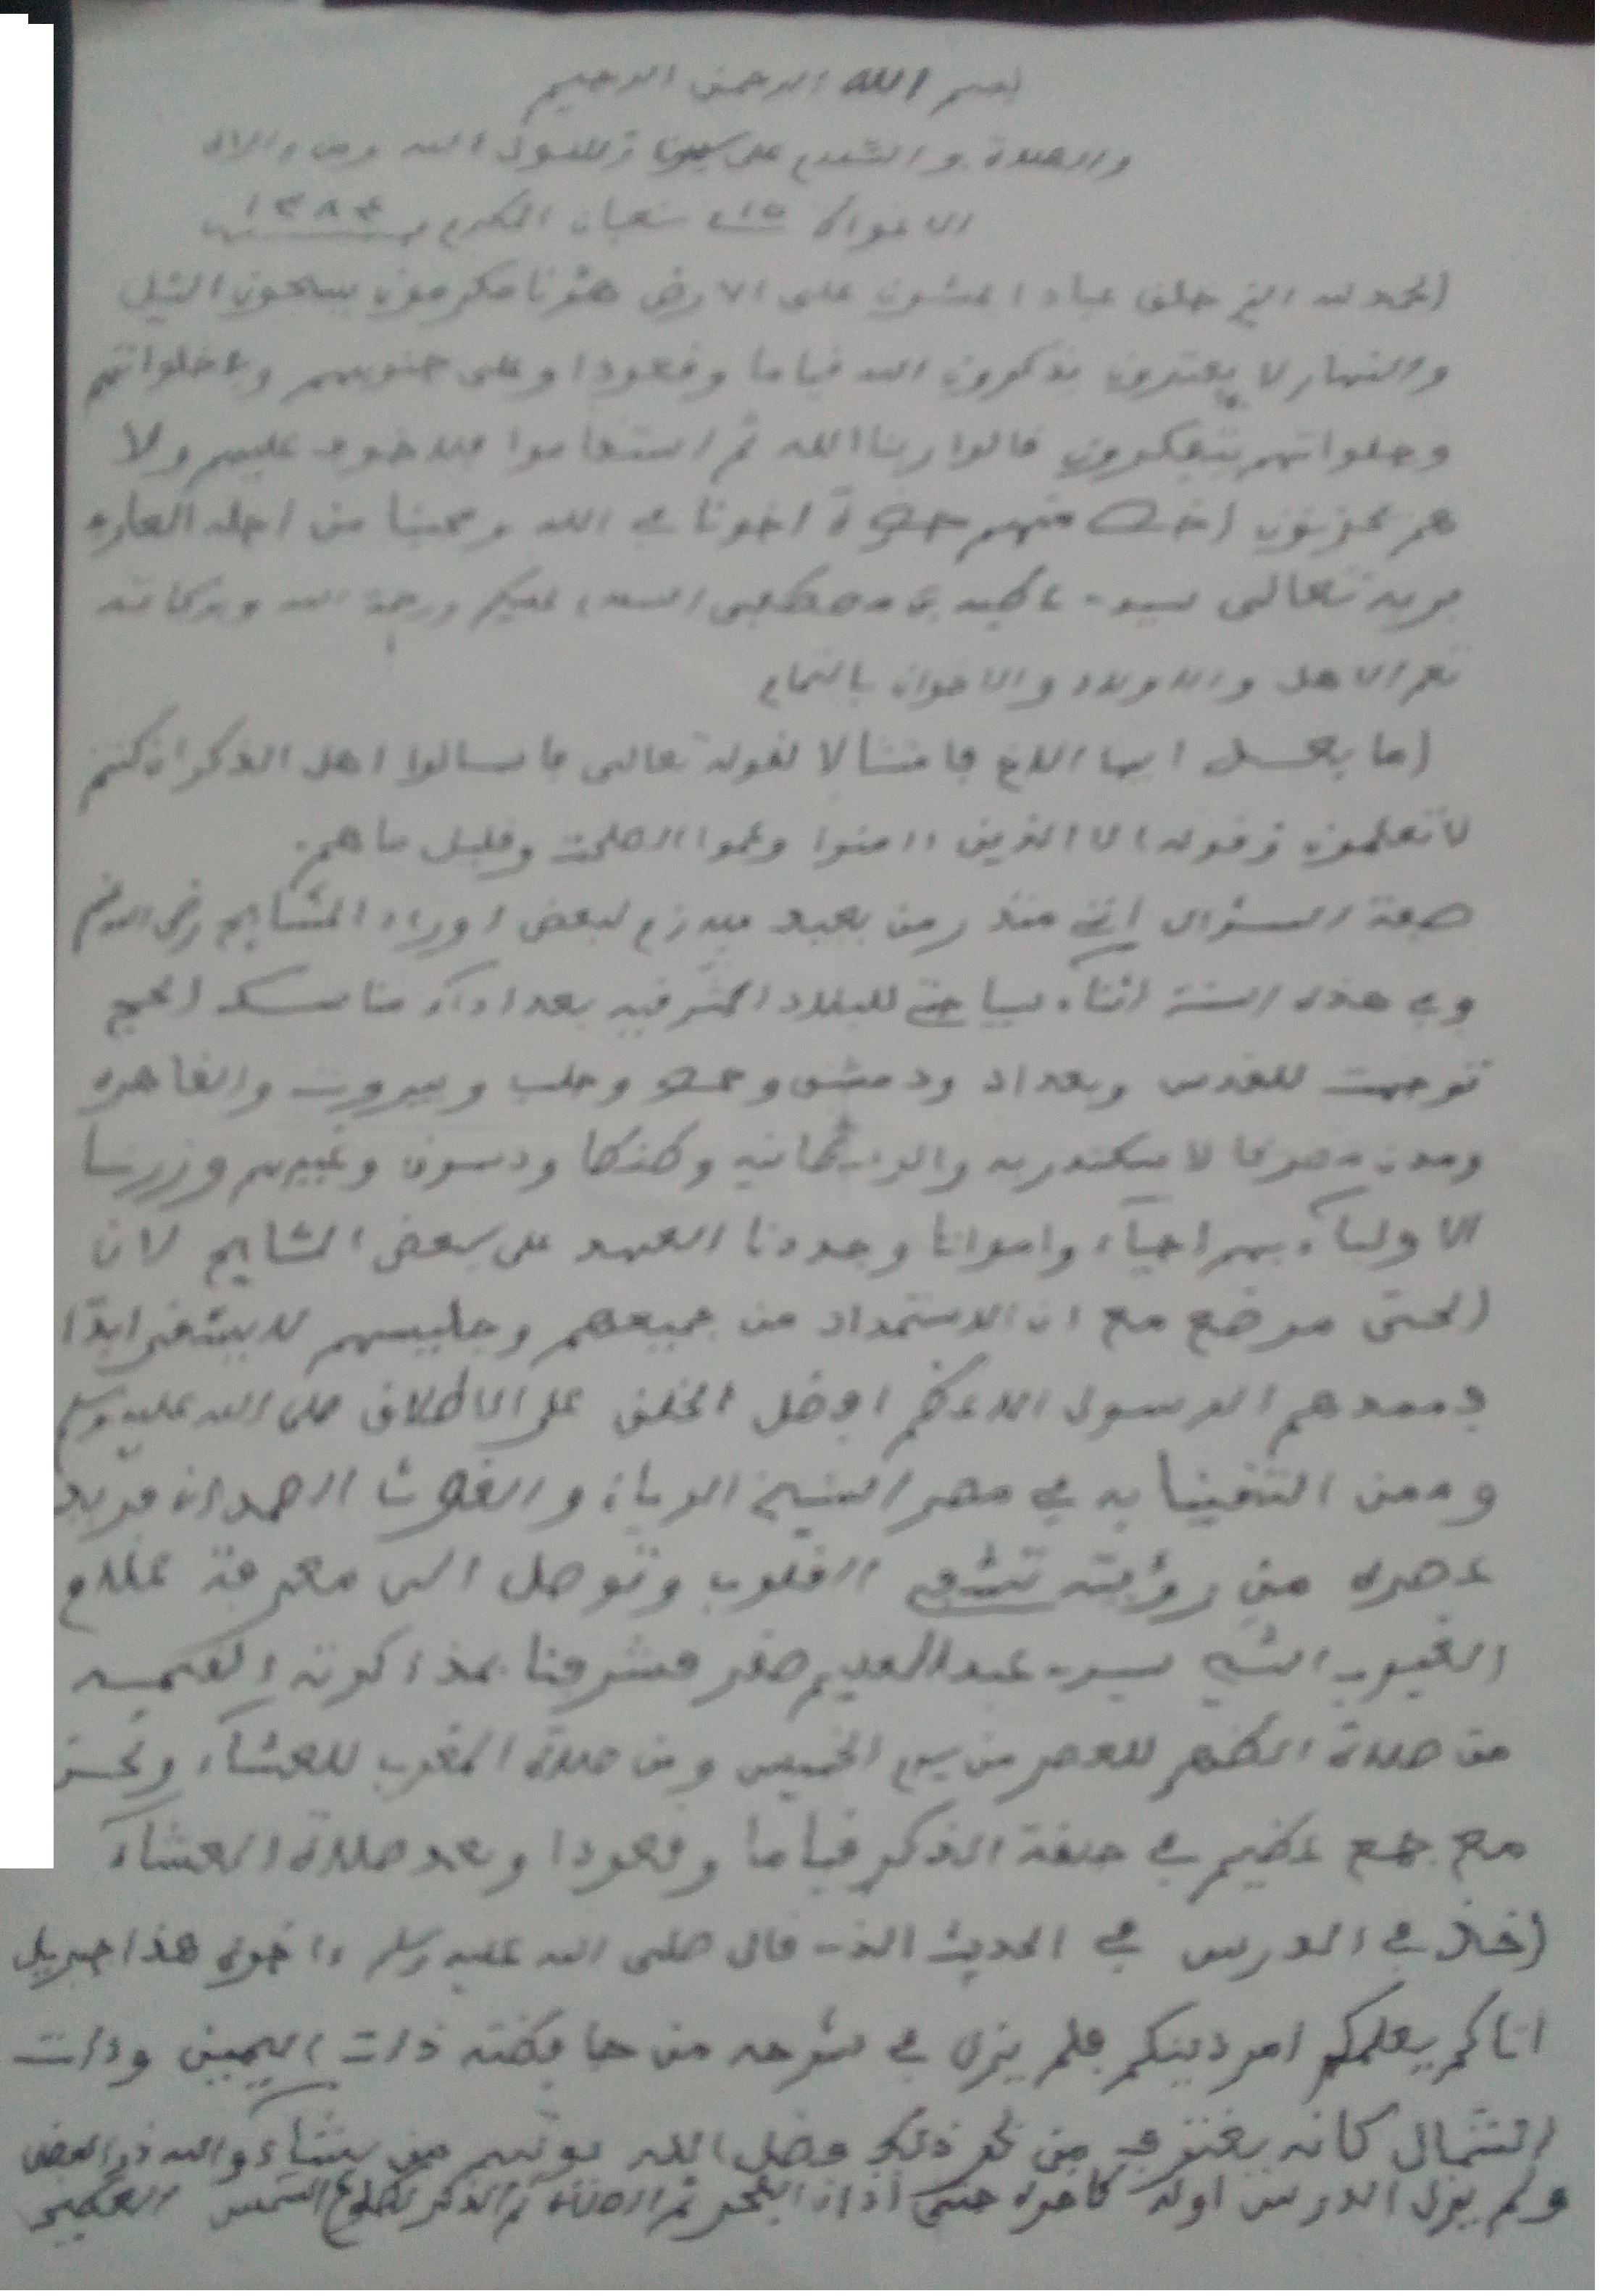 رسالة من الشيخ الفاضل عبدالغني تاوتي إلى الشيخ سي عطية مسعودي